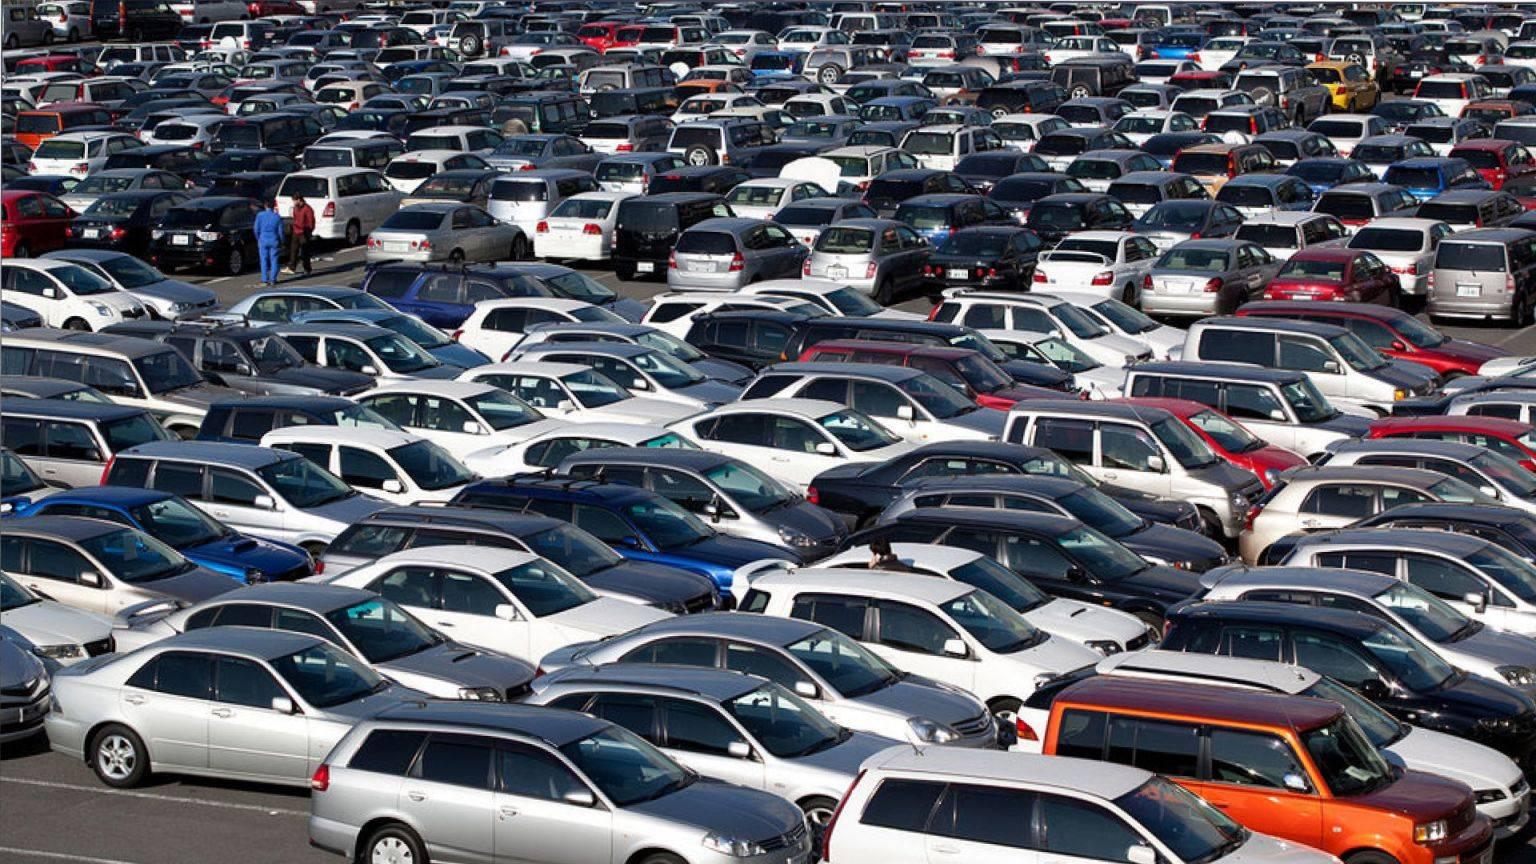 Рост цен на авто и интересные закономерности. что ждёт авторынок в 2021?